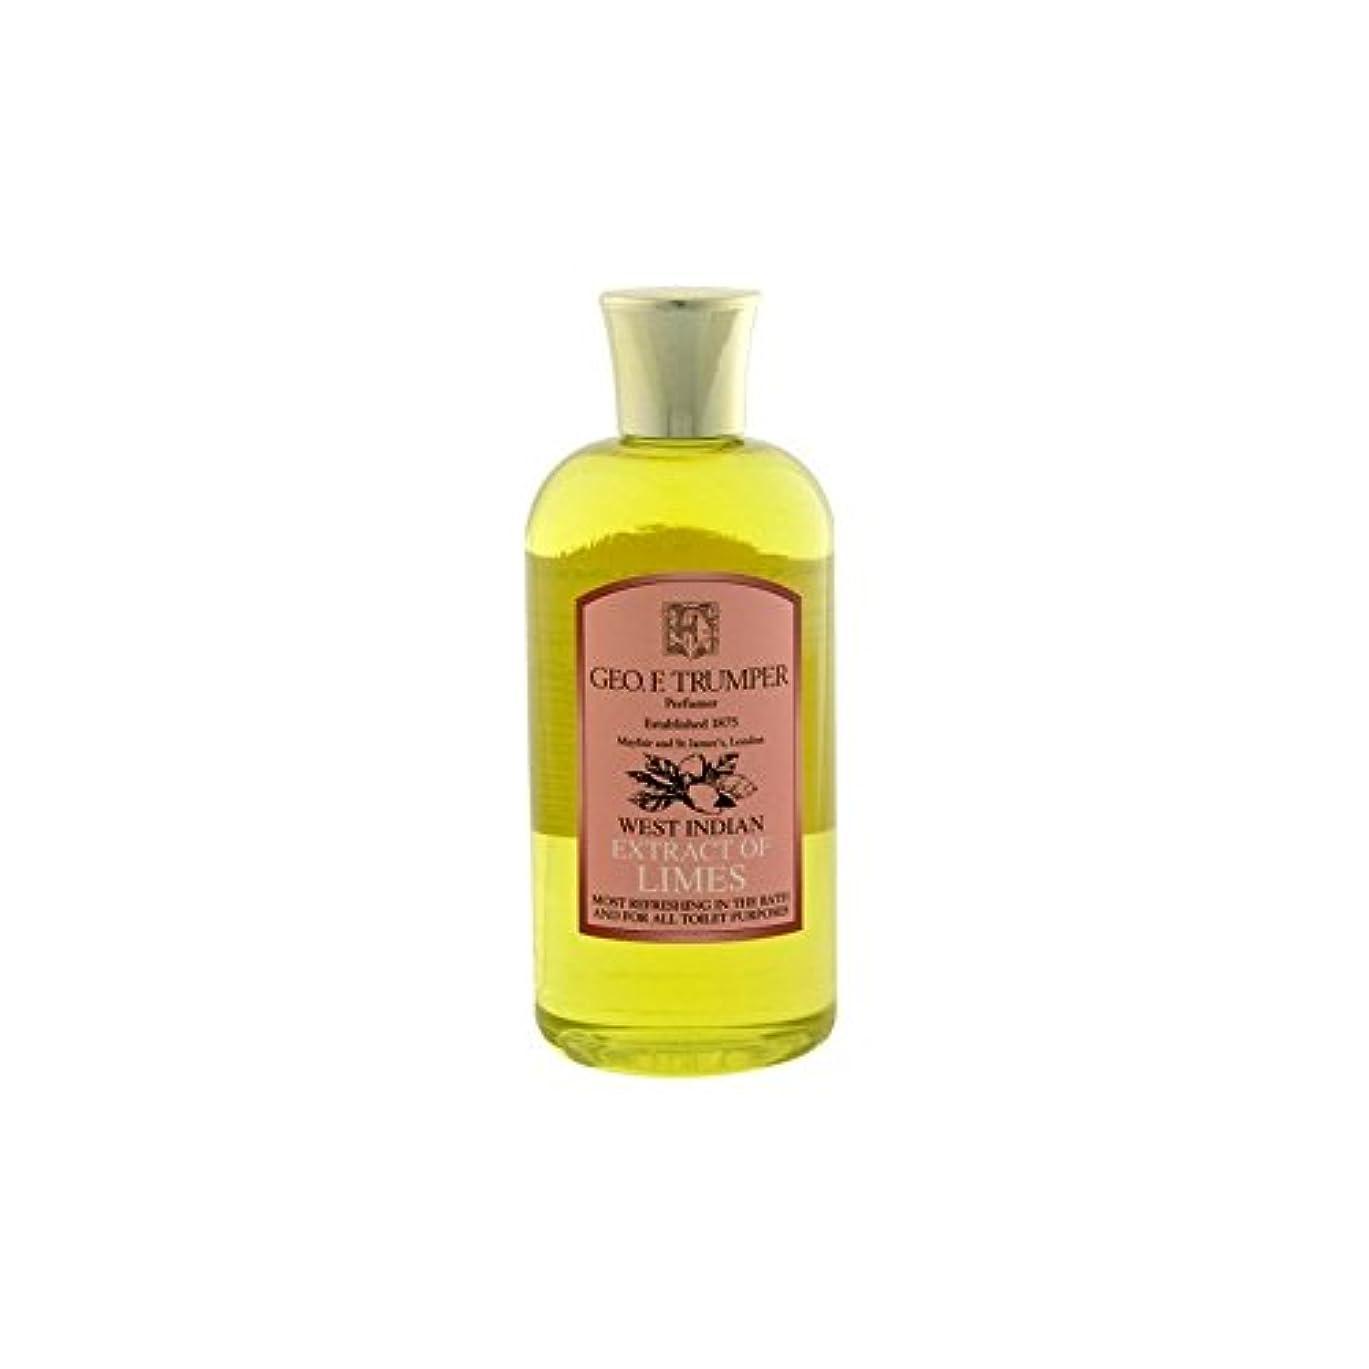 落とし穴複製する不足ライムのバス&シャワージェル - 500ミリリットル旅 x2 - Trumpers Limes Bath & Shower Gel - 500ml Travel (Pack of 2) [並行輸入品]